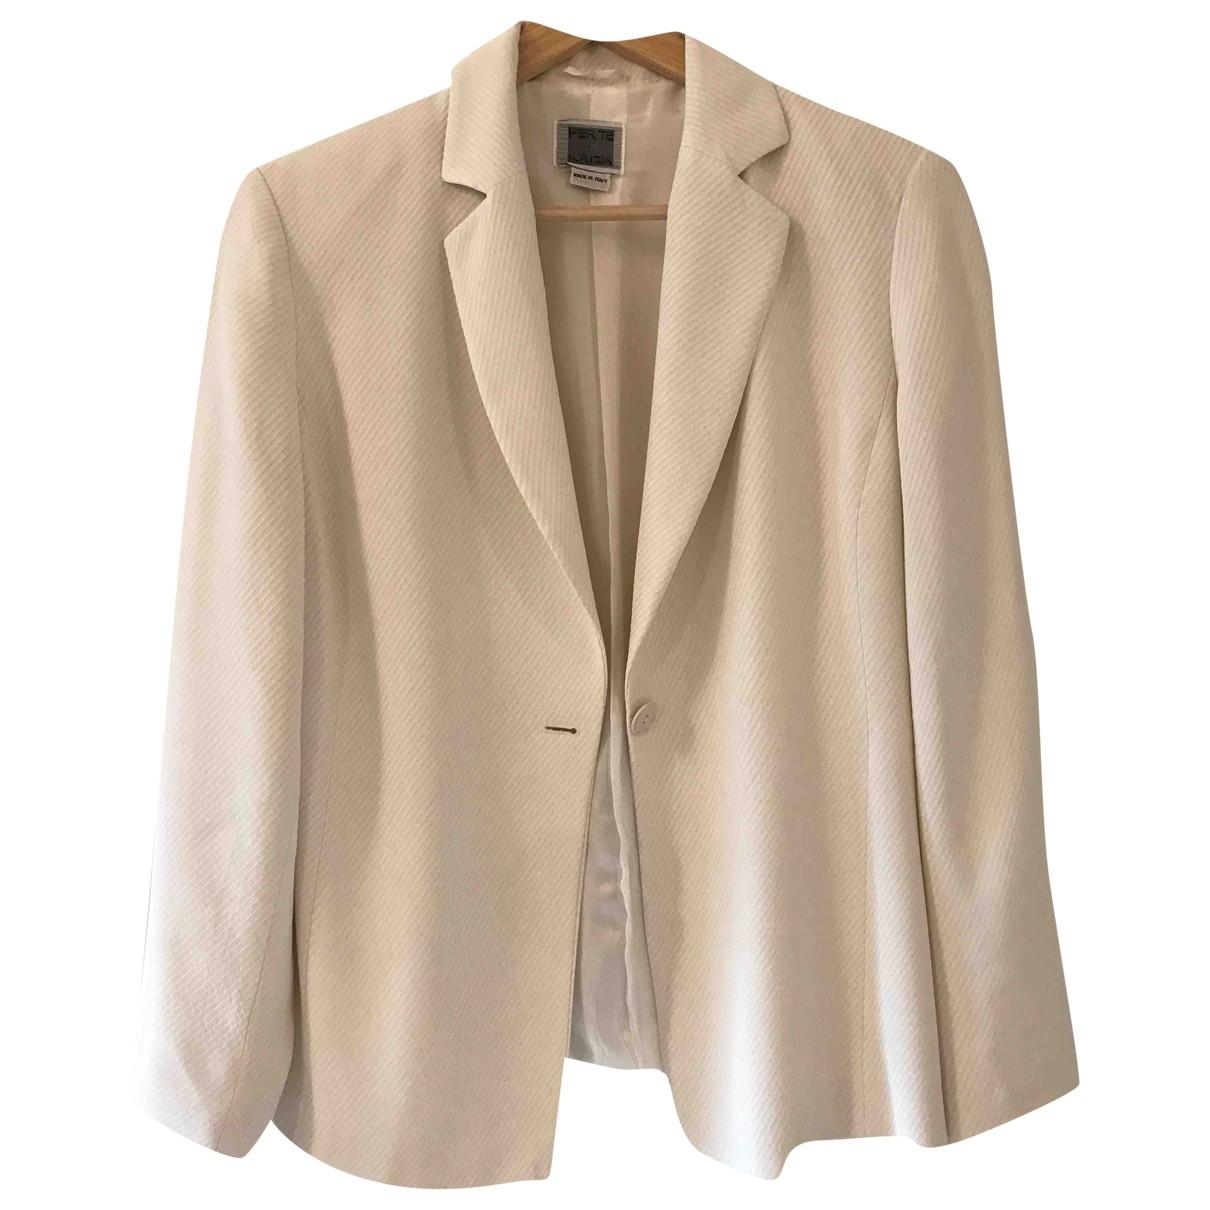 Krizia \N White dress for Women 44 IT